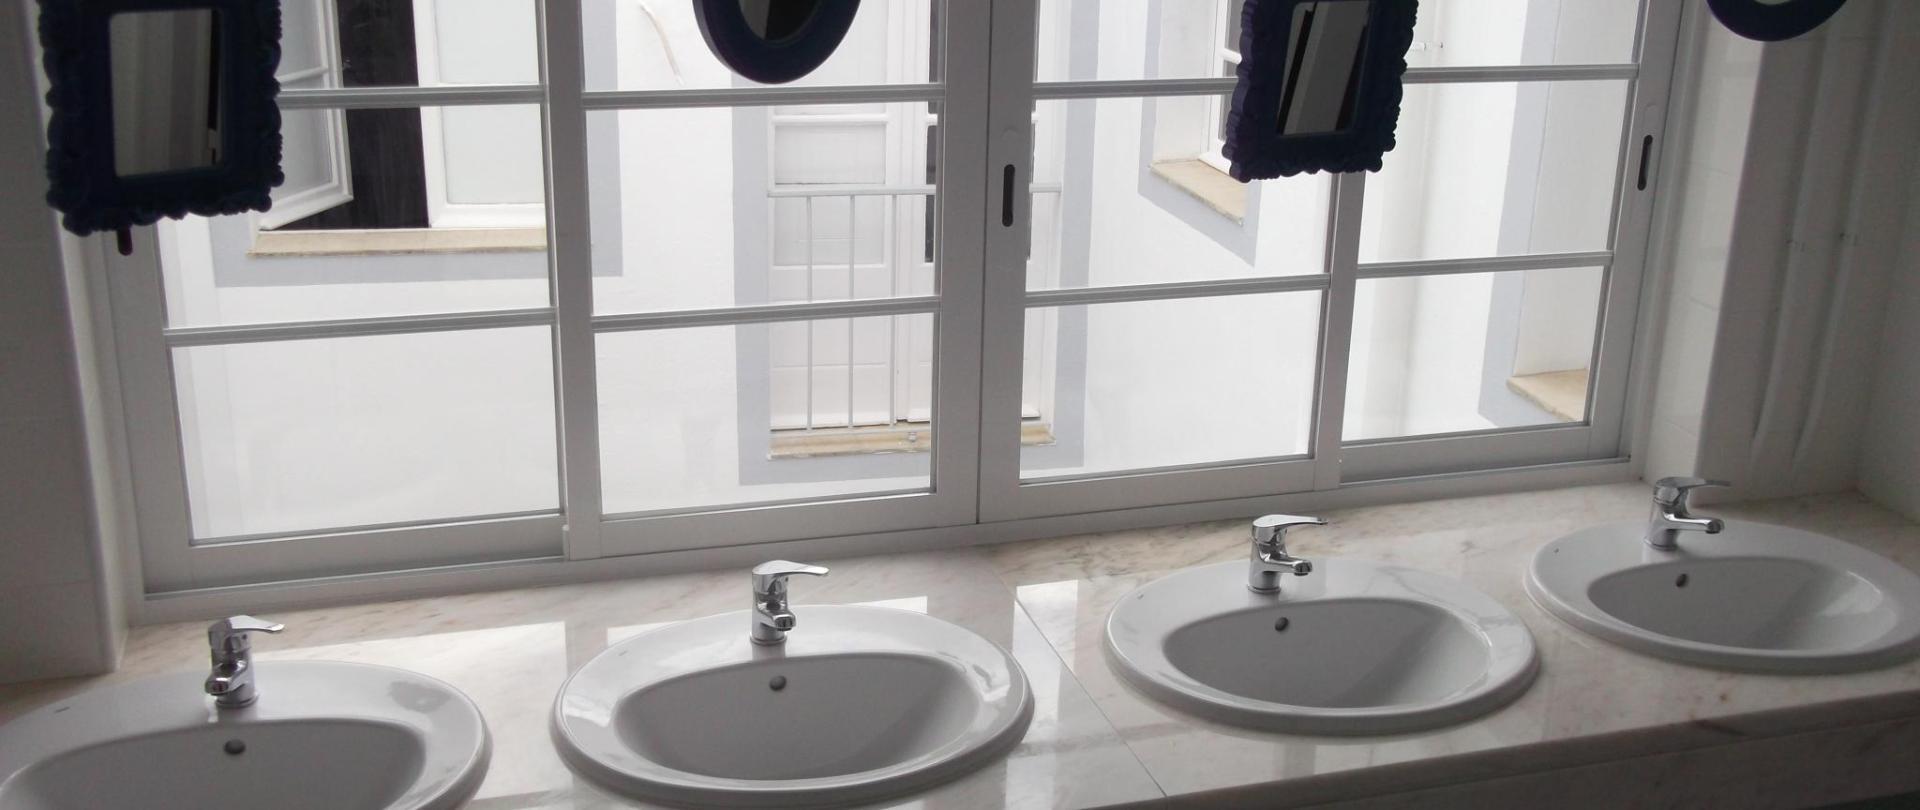 Casa de banho.JPG